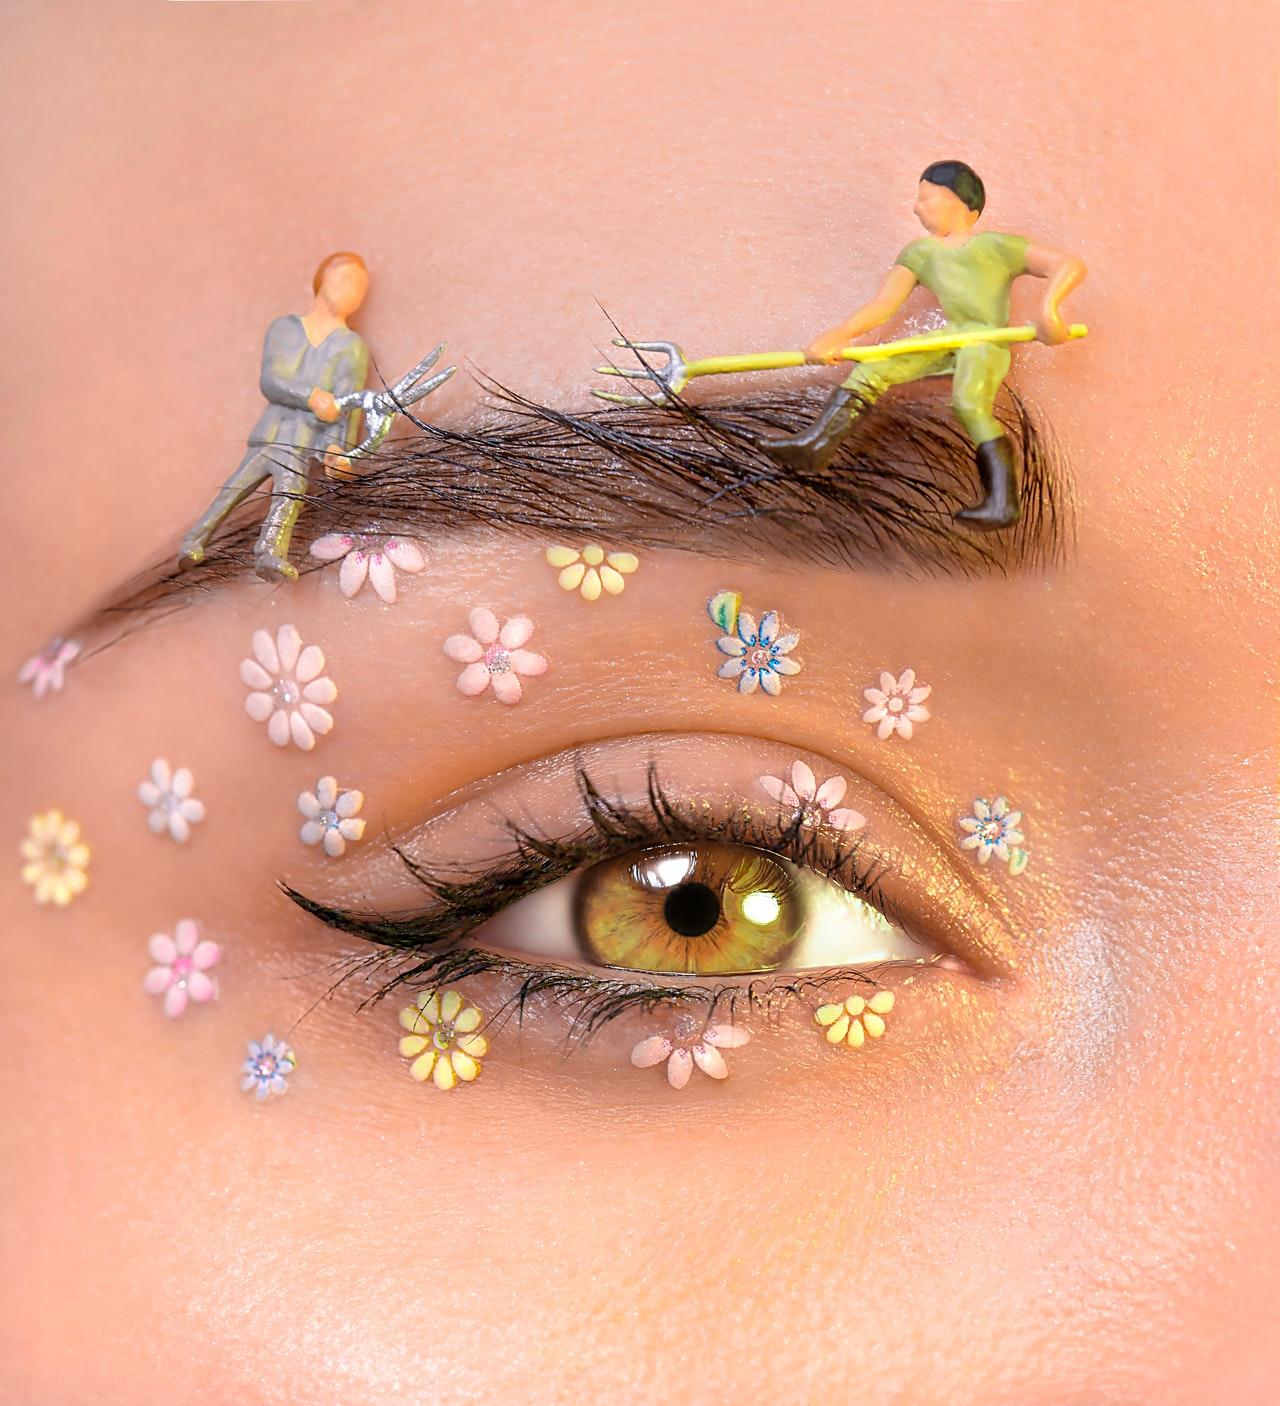 suha koža oko očiju